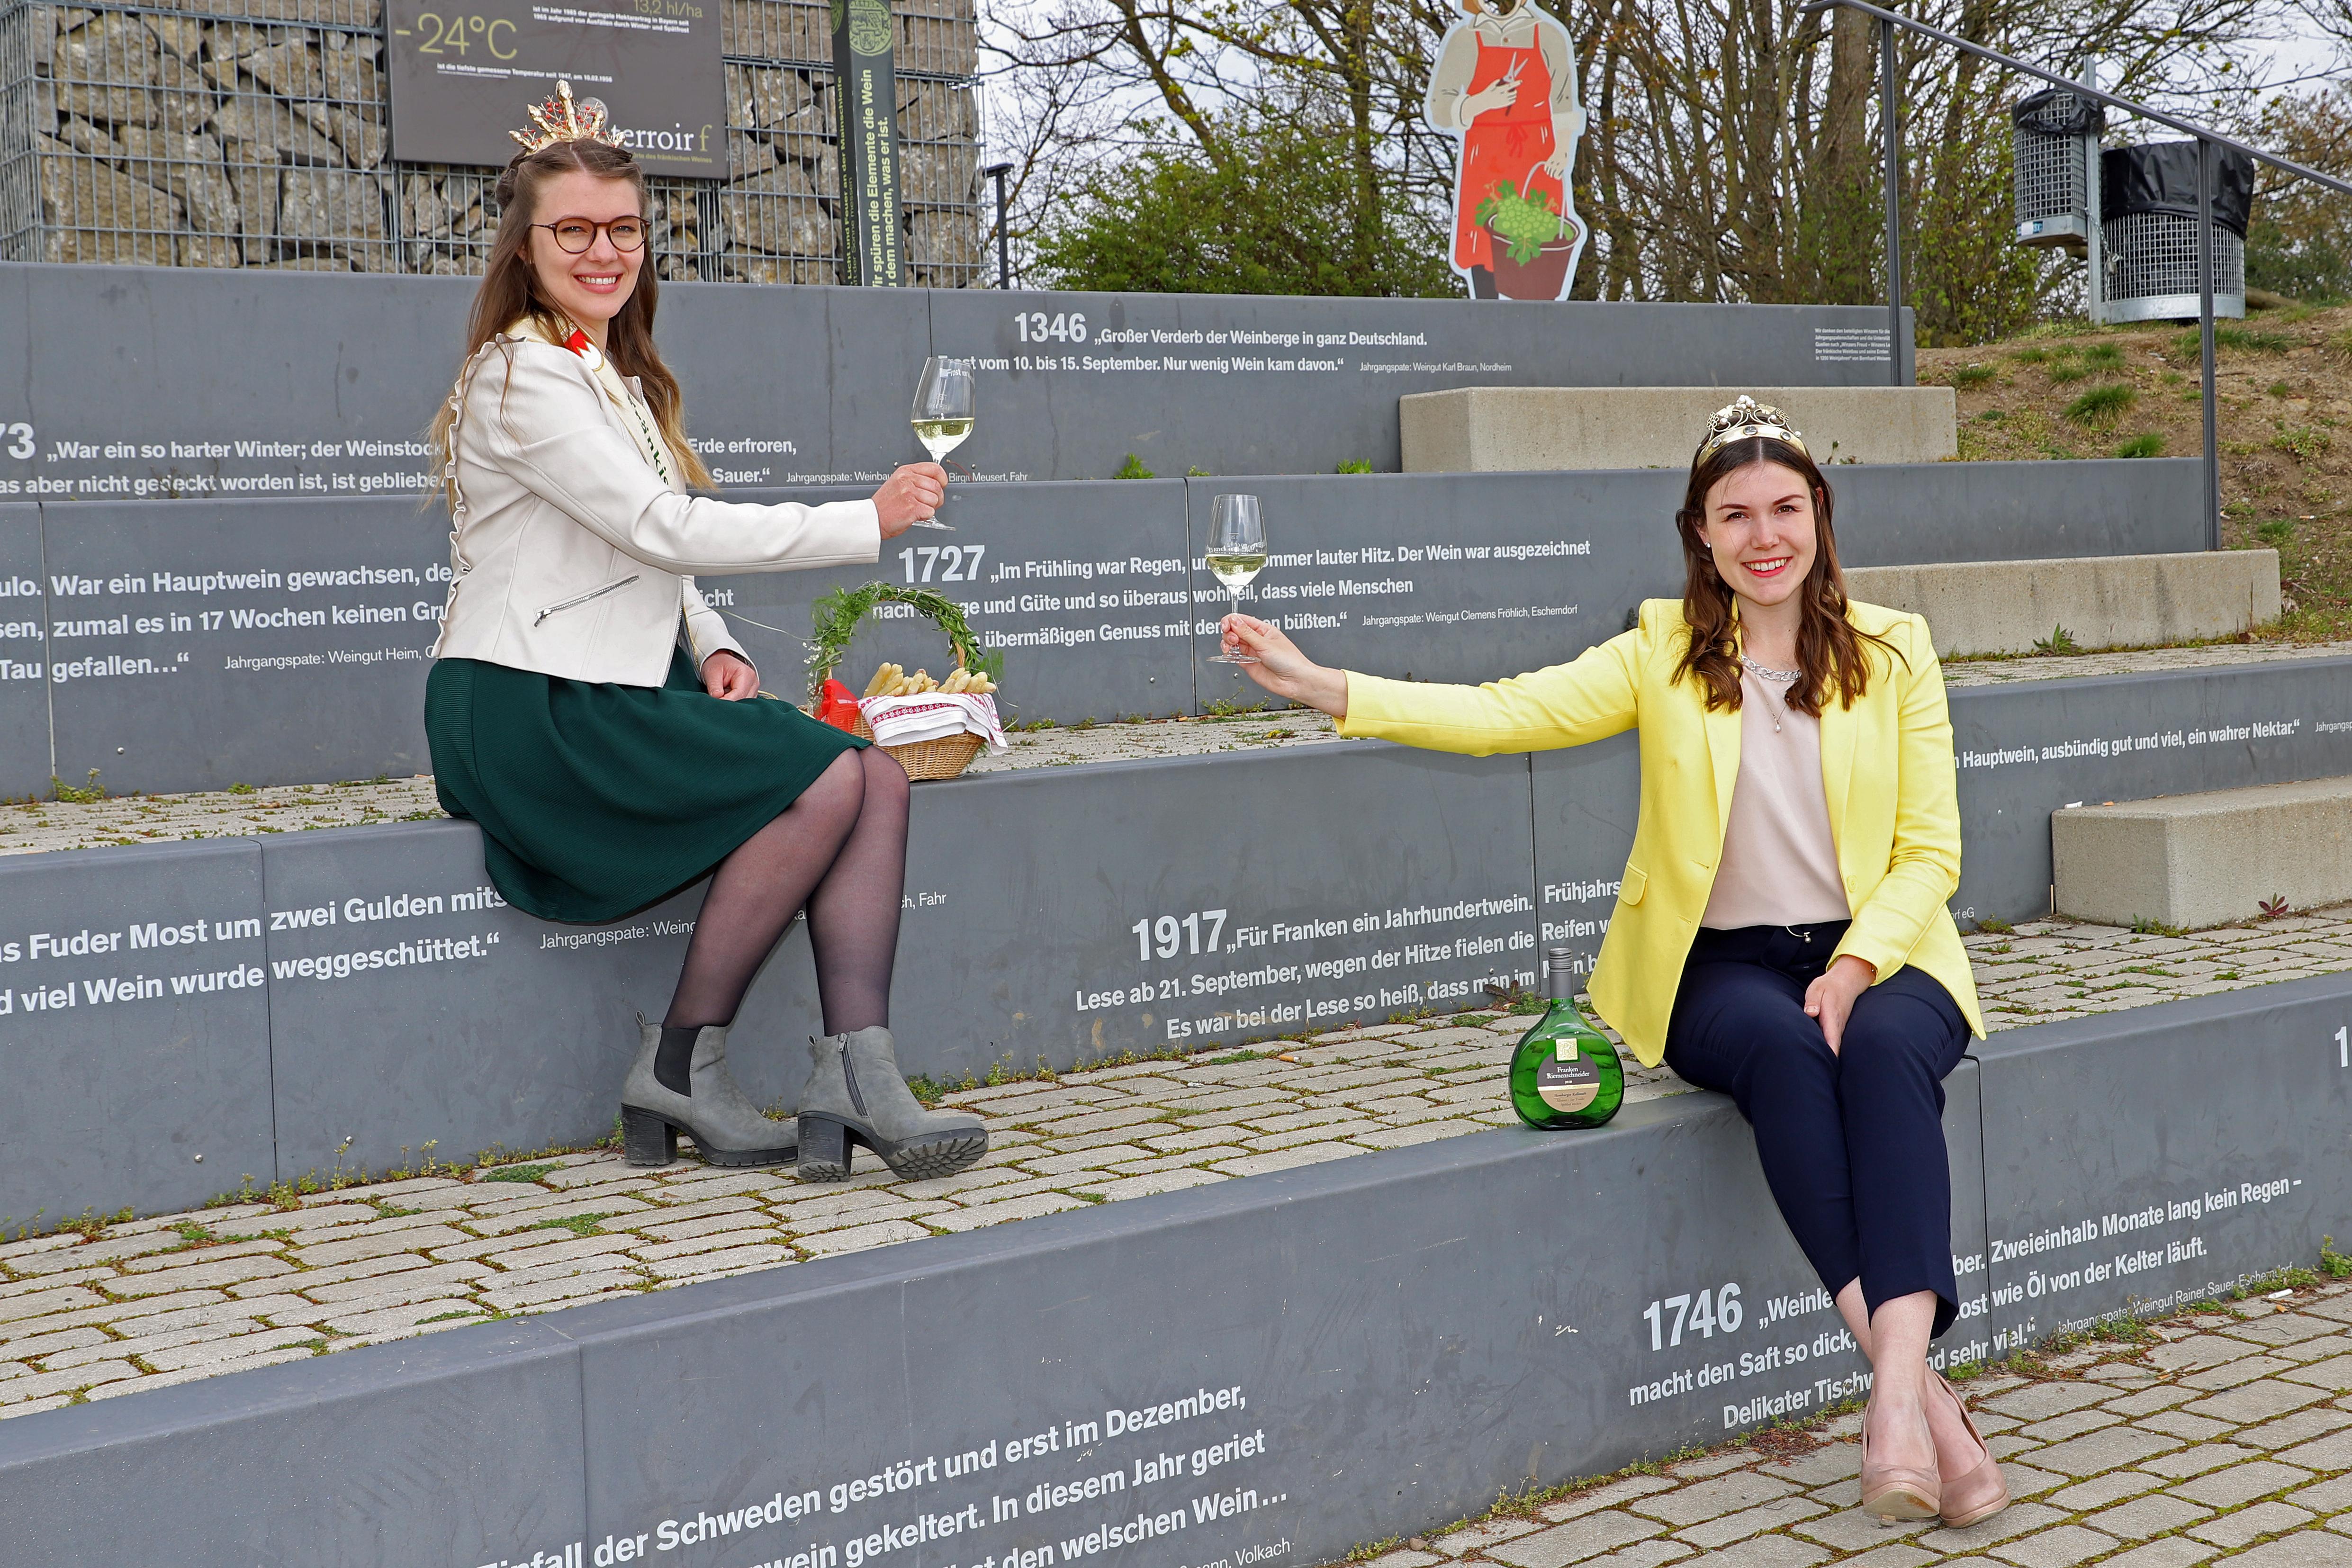 Silvaner liebt Spargel: Fränkische Weinkönigin und Fränkische Spargelkönigin geben Tipps zur Spargelzeit